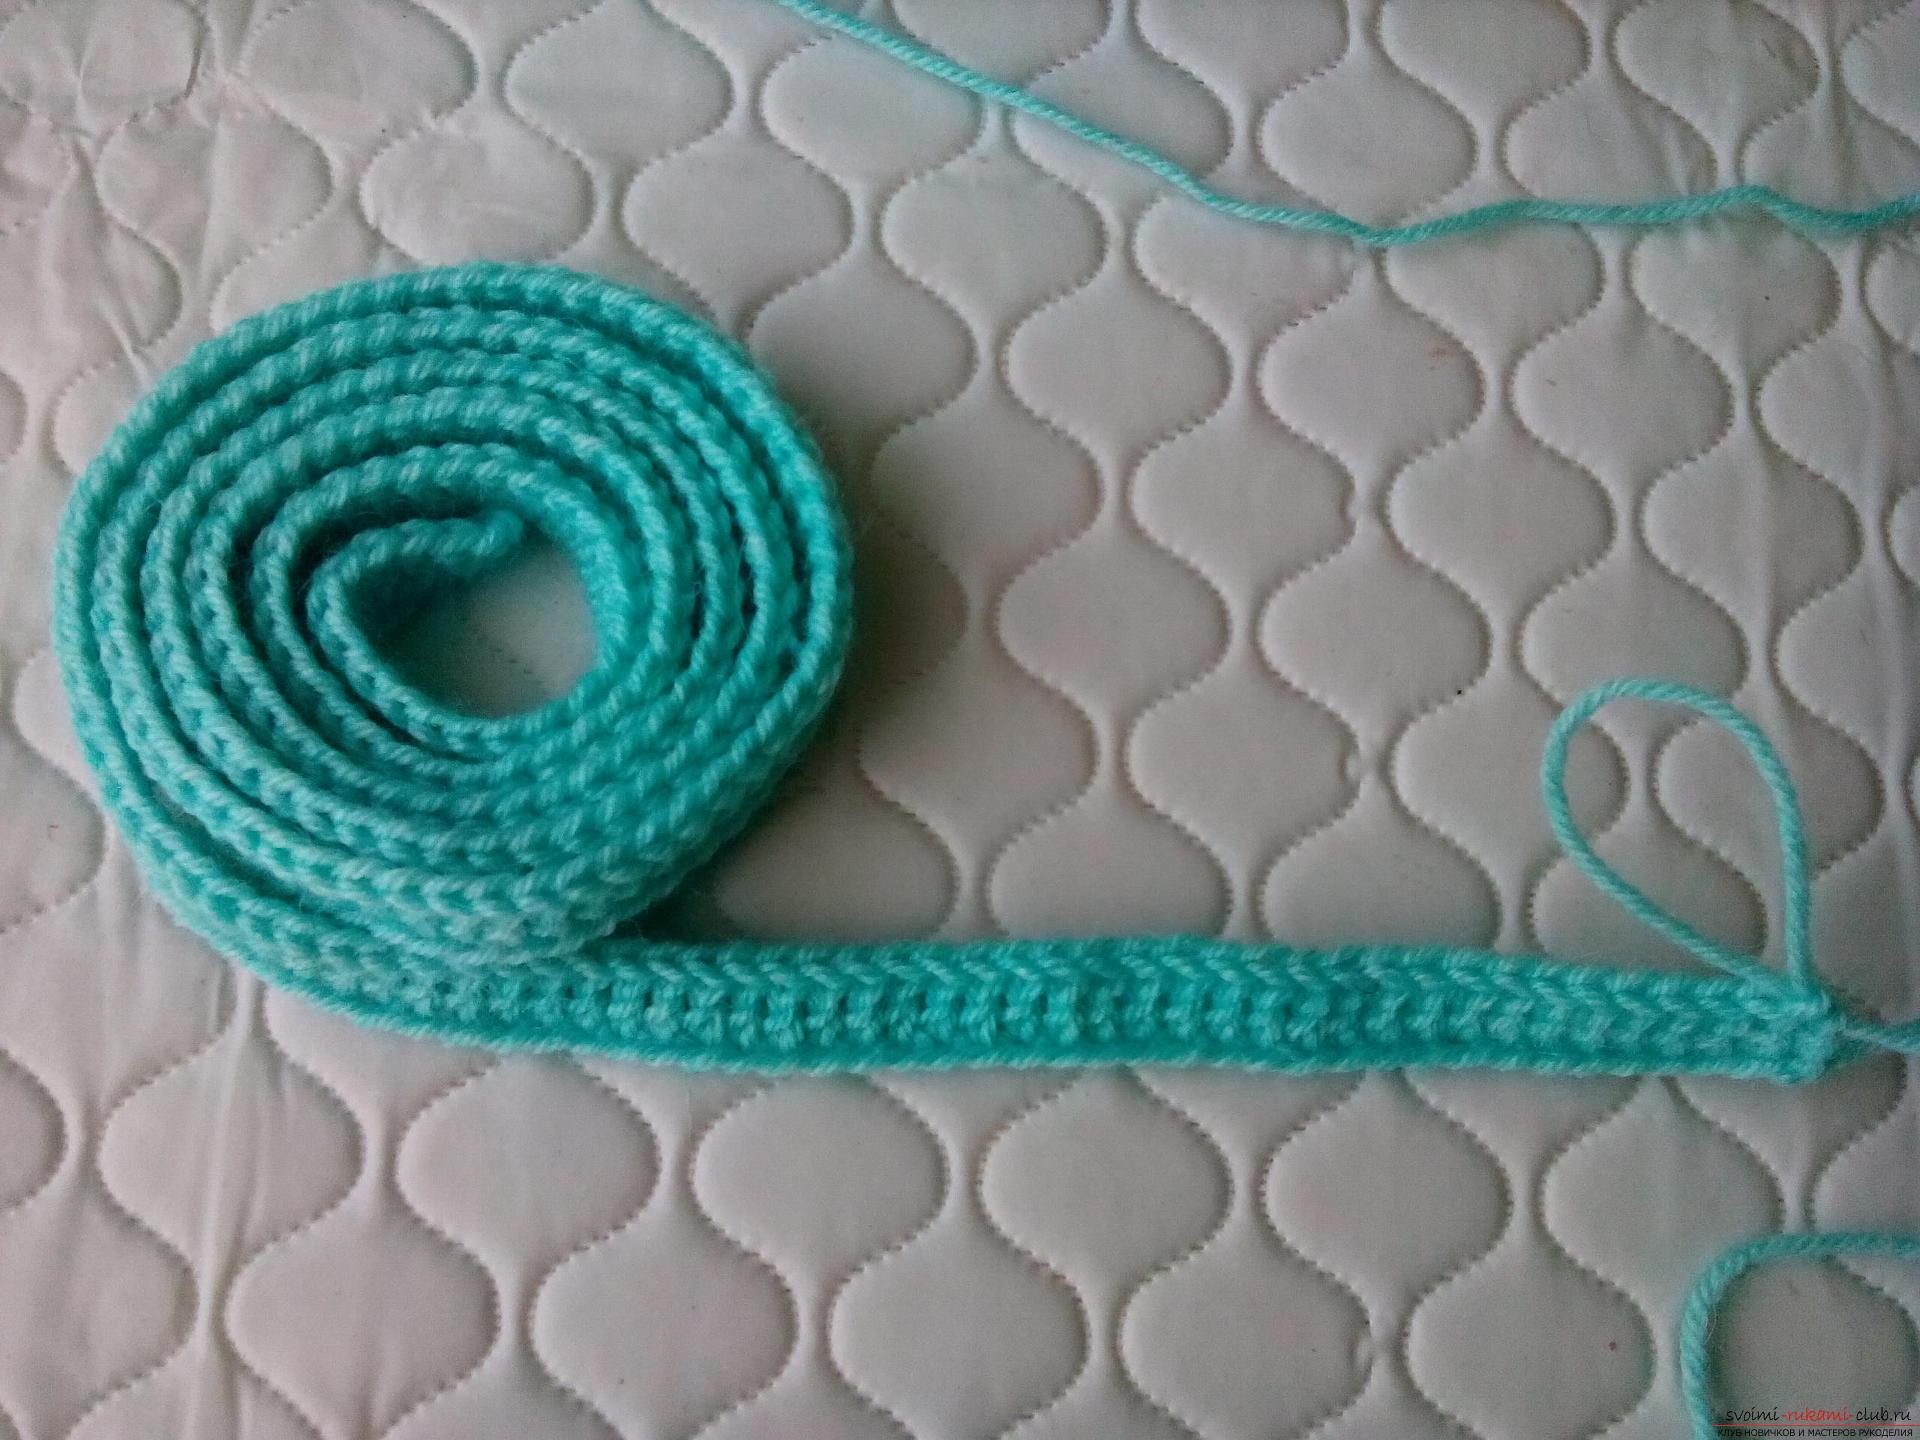 Пошаговое описание и фото вязания крючком комплекта для мальчика из шапочки и шарфа. Фото №16